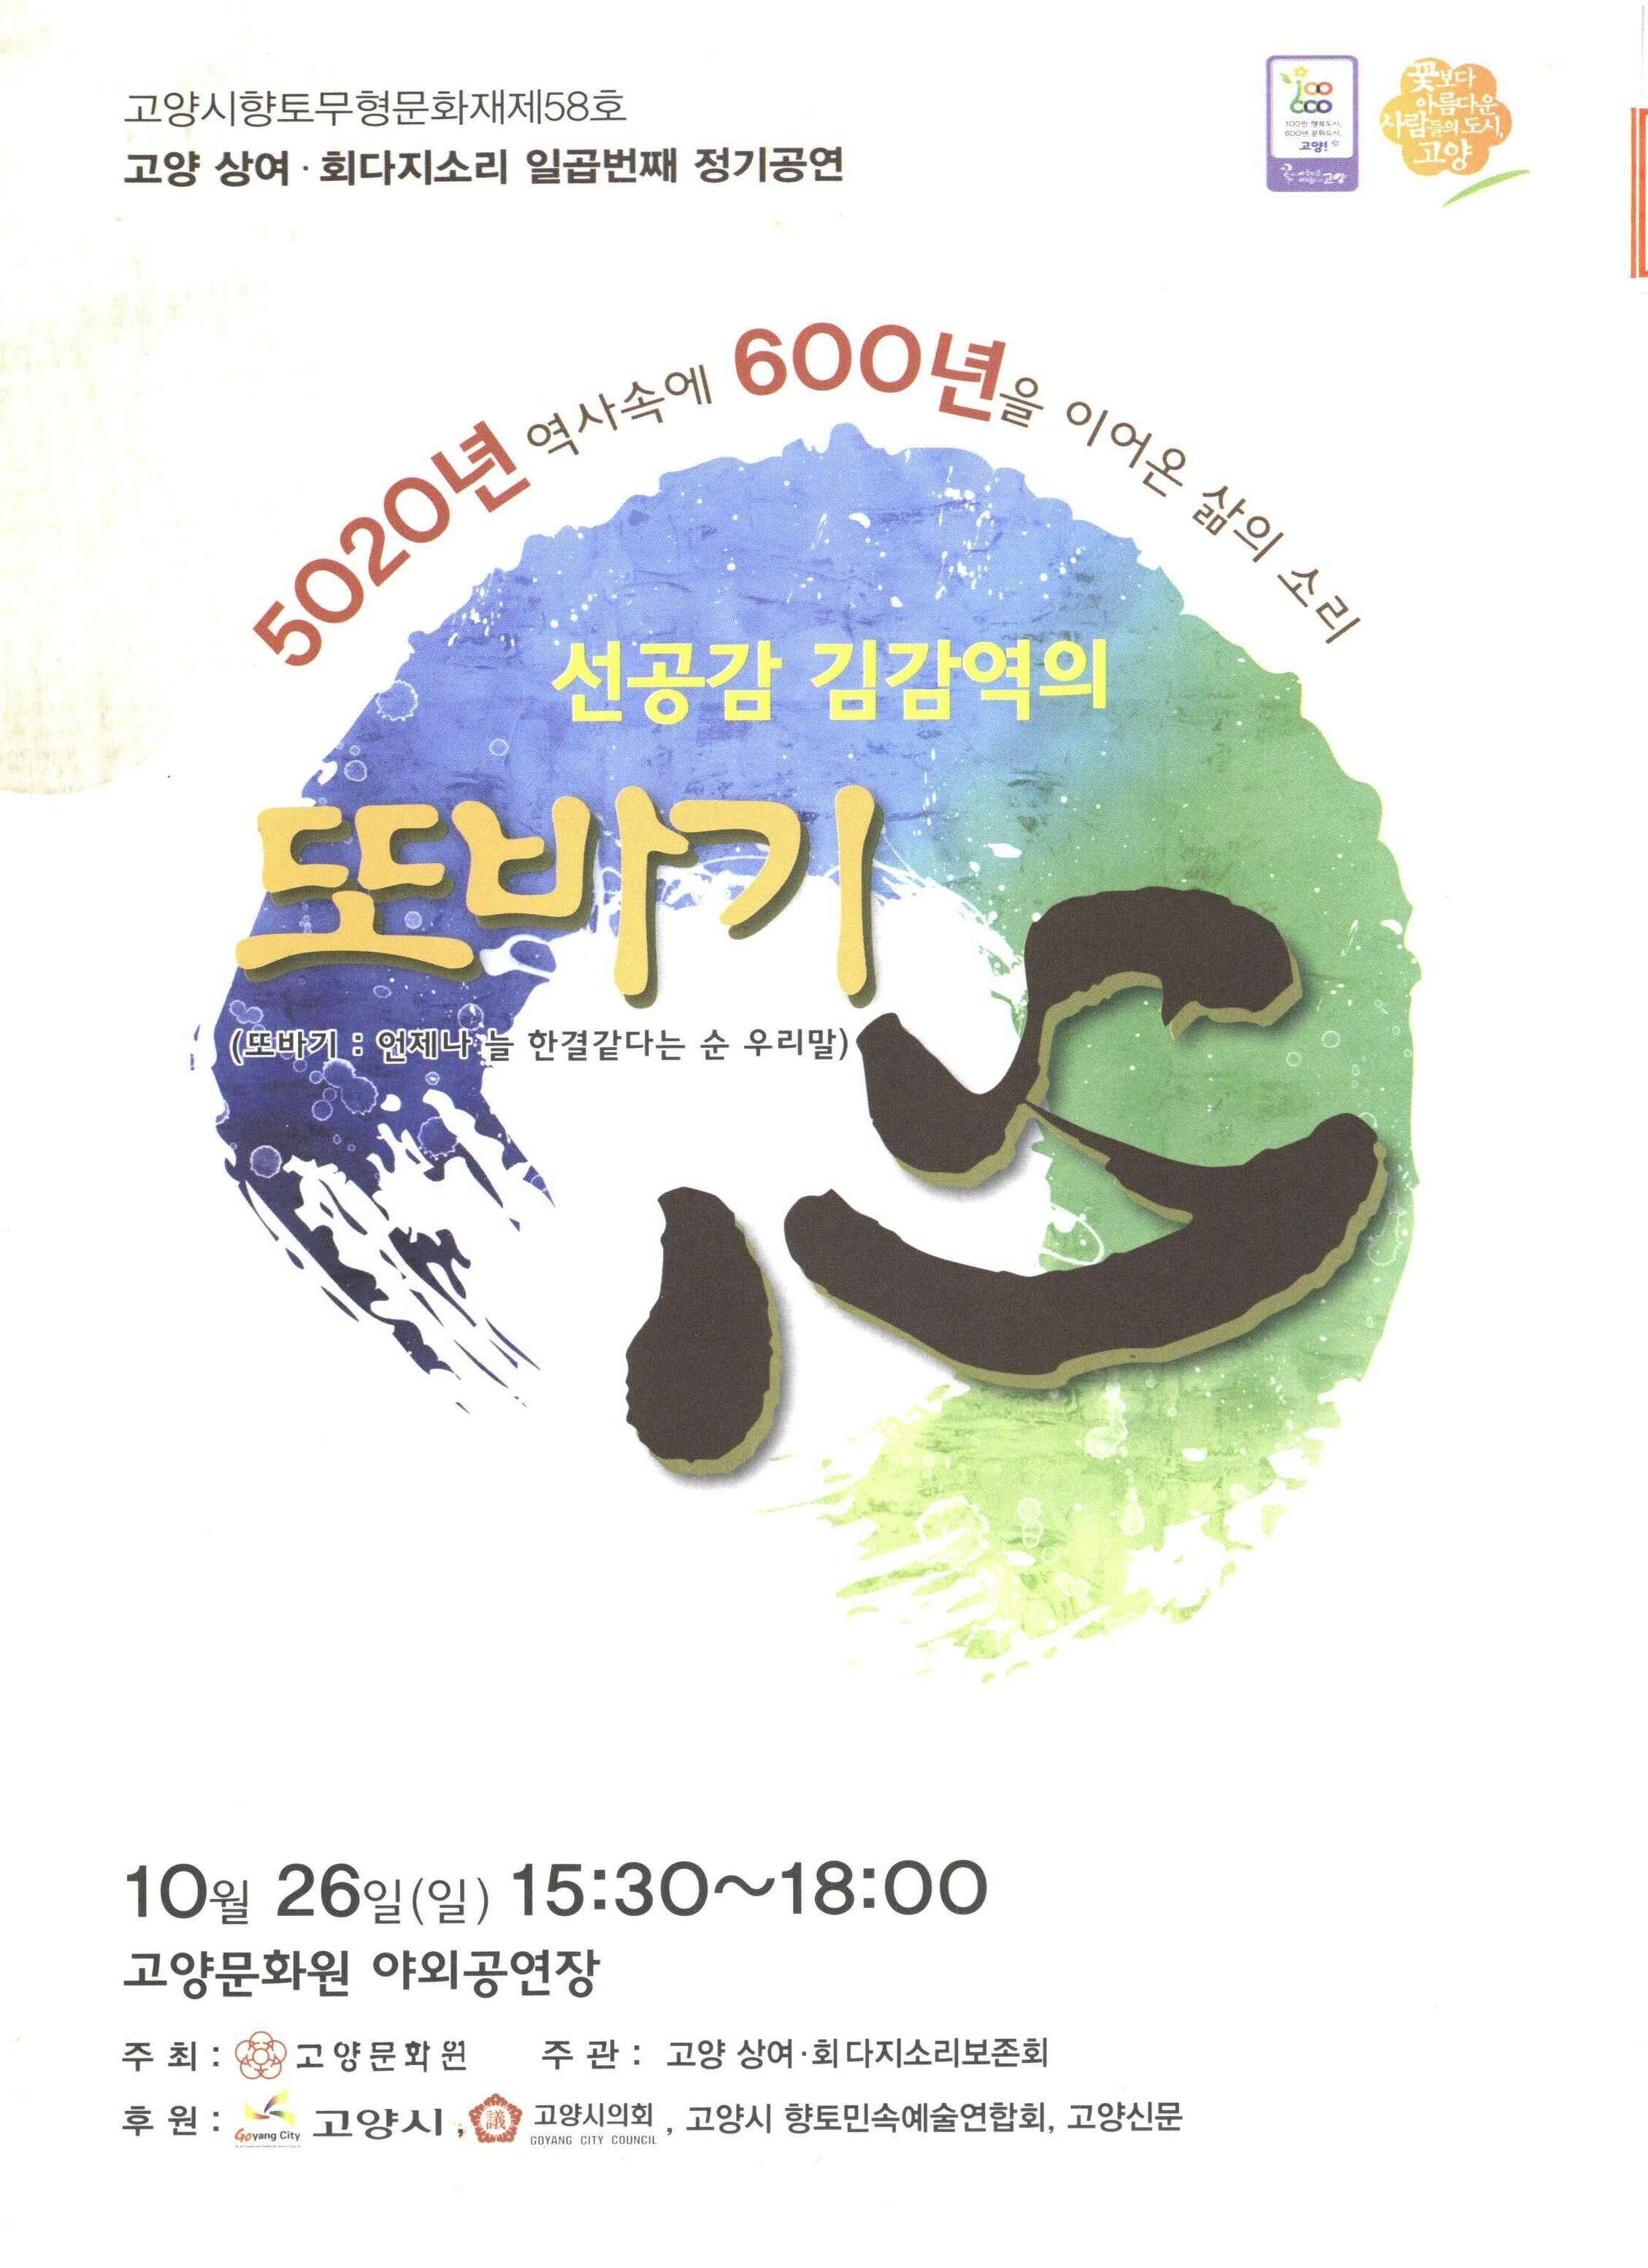 5020년 역사속에 600년을 이어온 삶의 소리 선공감 김감역의 또바기